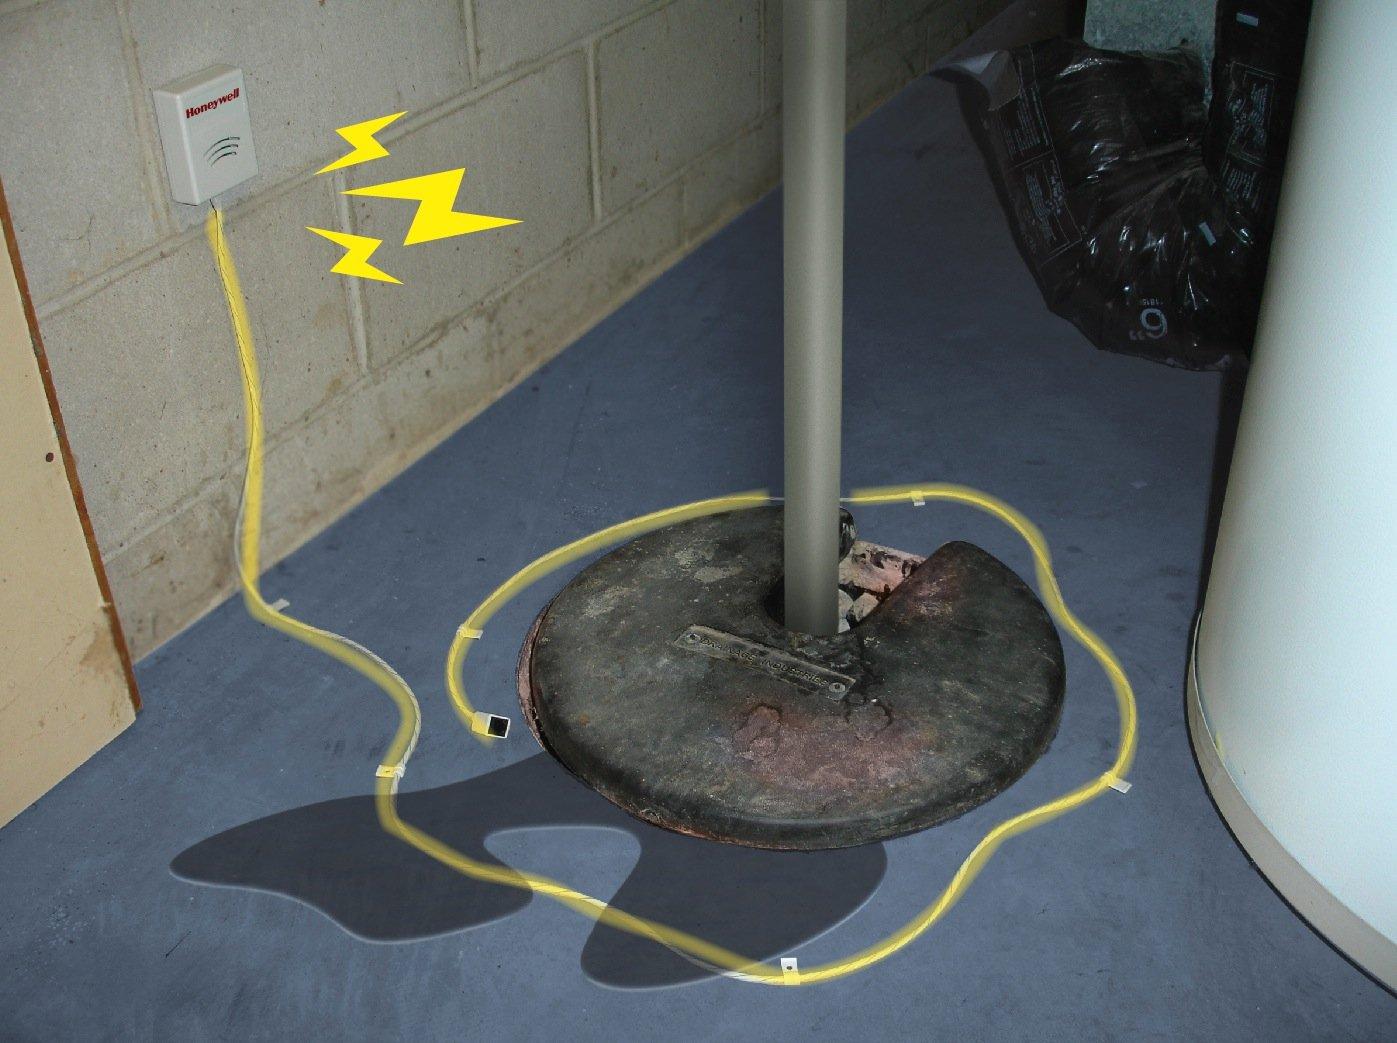 Honeywell RWD41 Water Defense Water Sensing Alarm RWD41//T